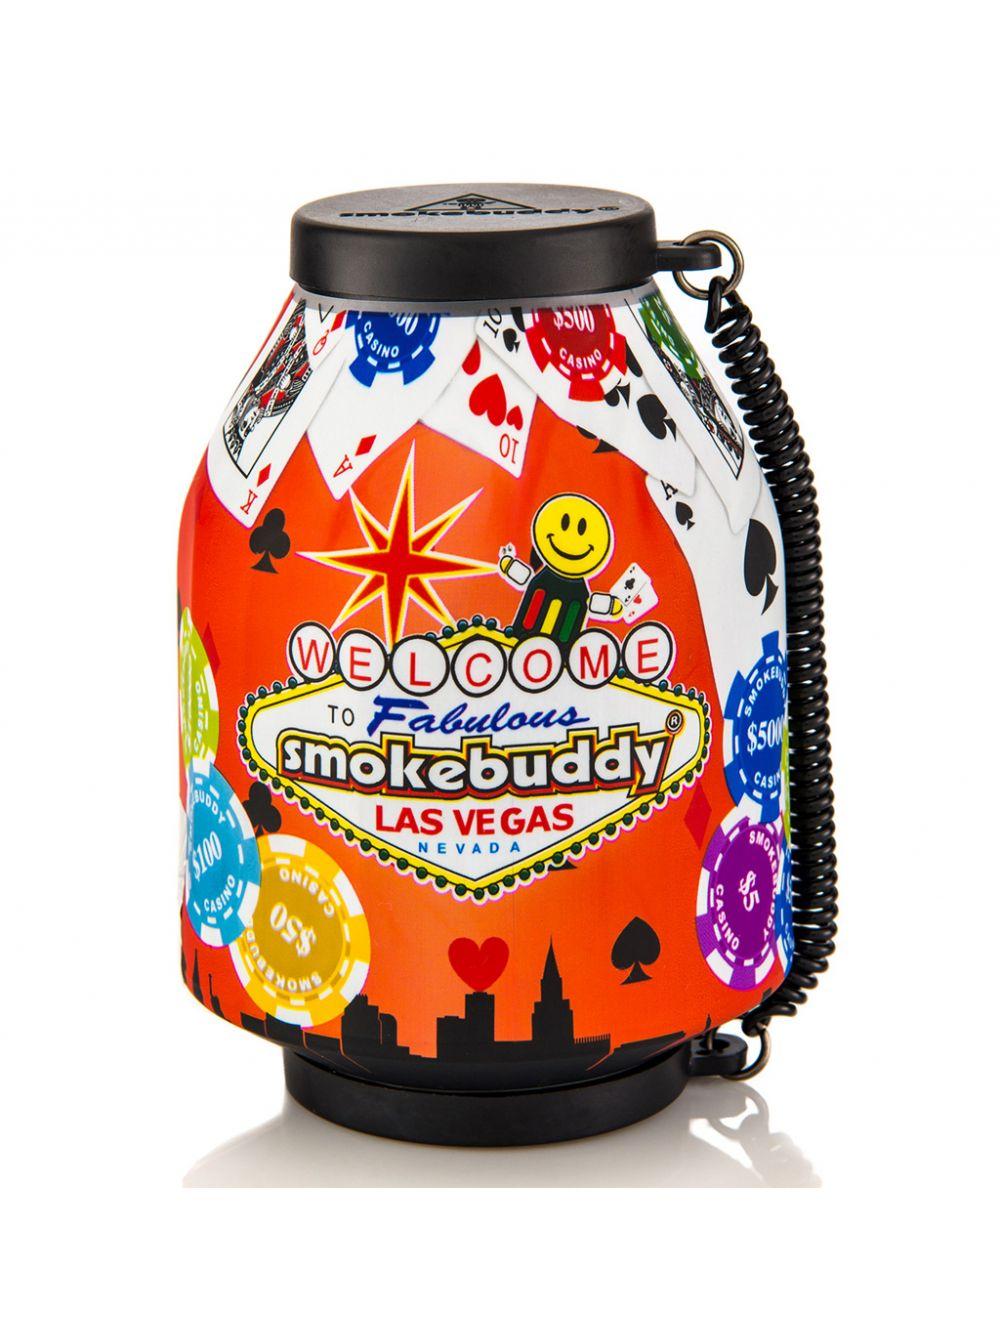 Smokebuddy Las Vegas